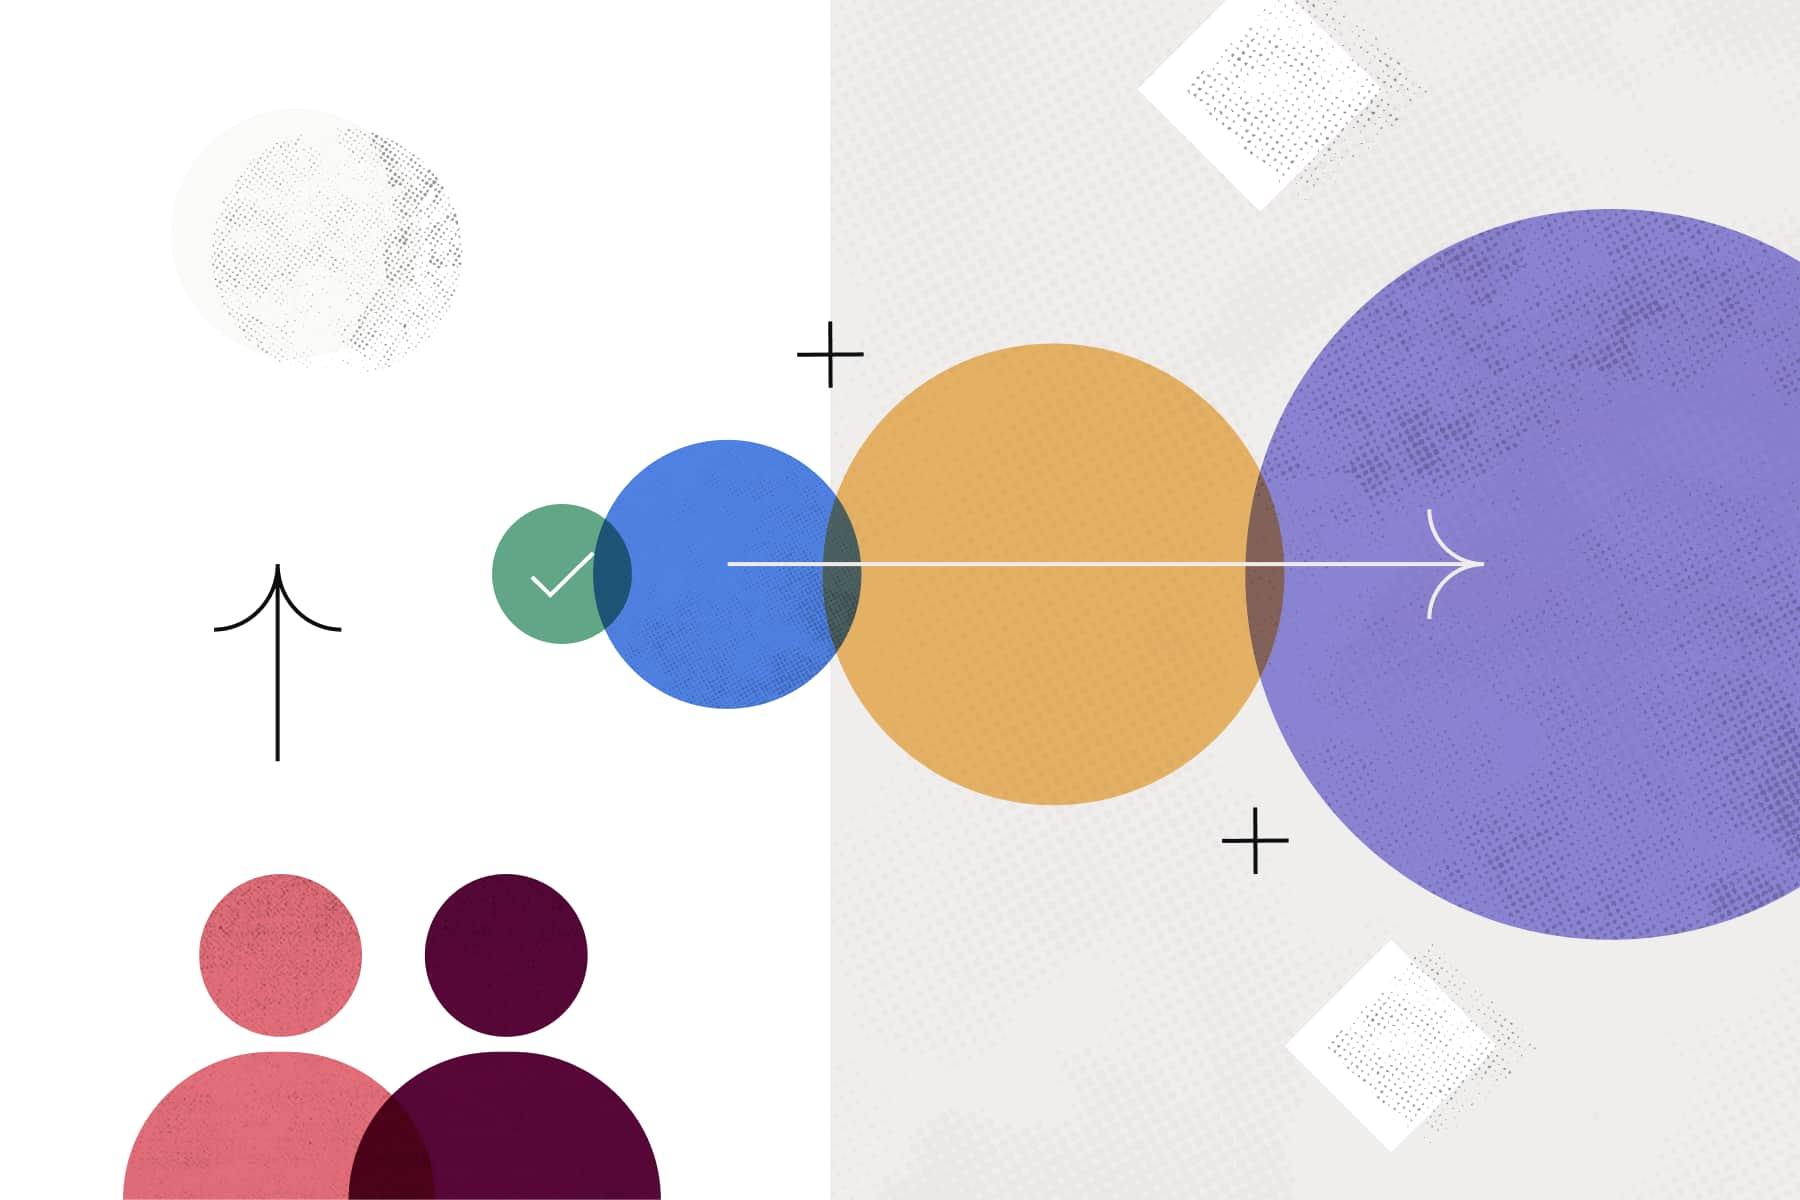 ラポールを形成し、有意義な人間関係を築くための 6 つのヒントの記事バナー画像